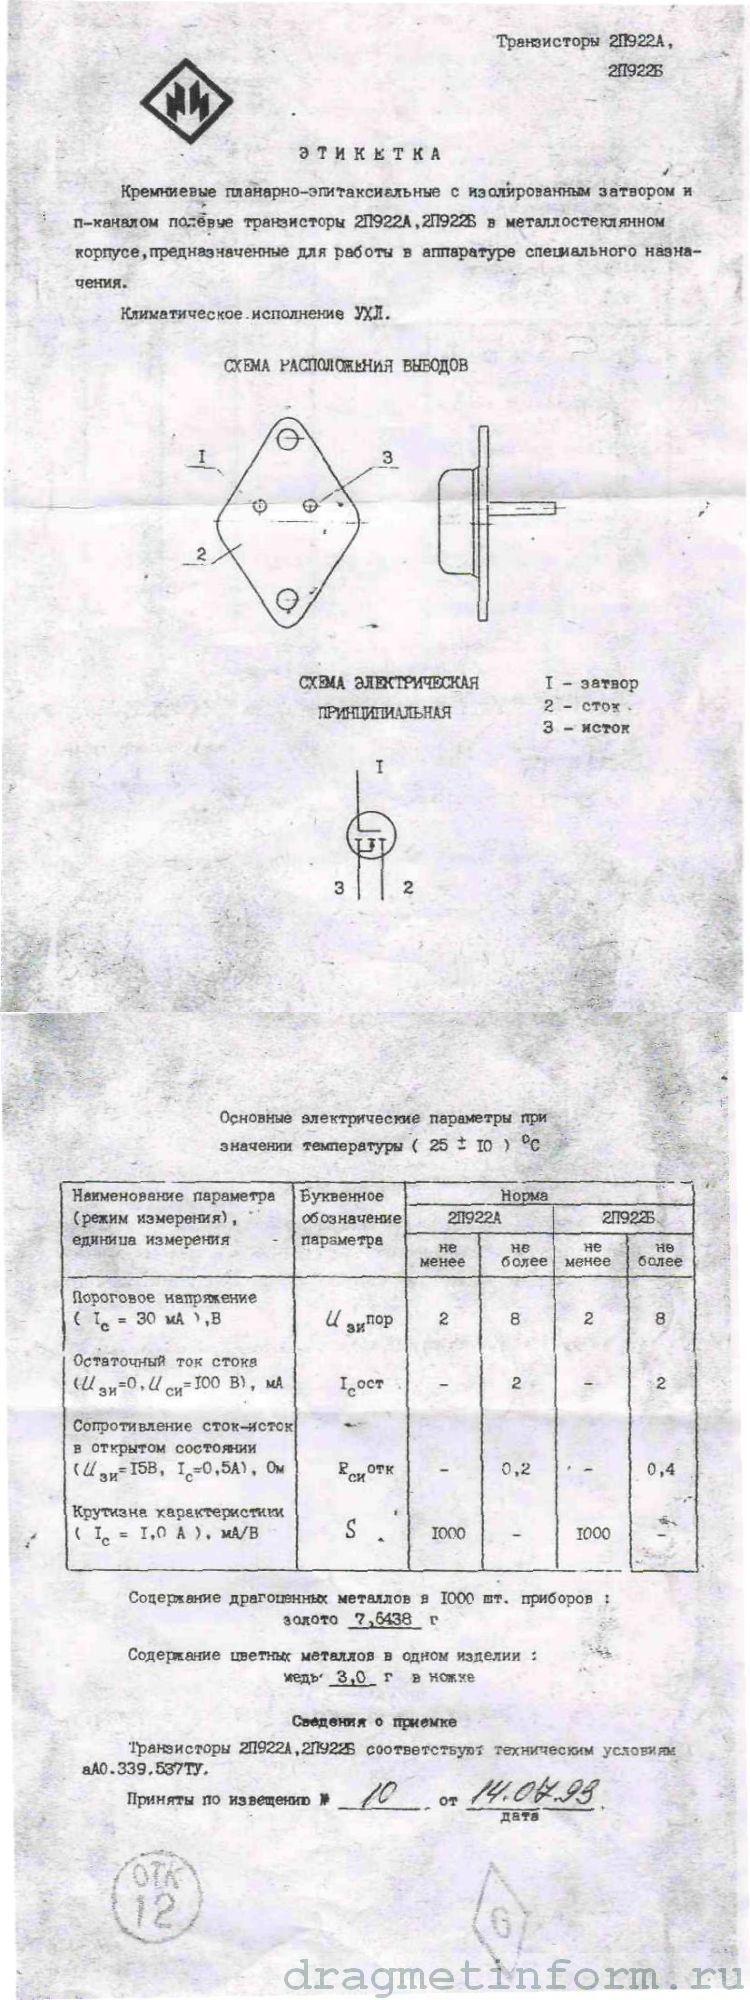 Формуляр 2П922Б